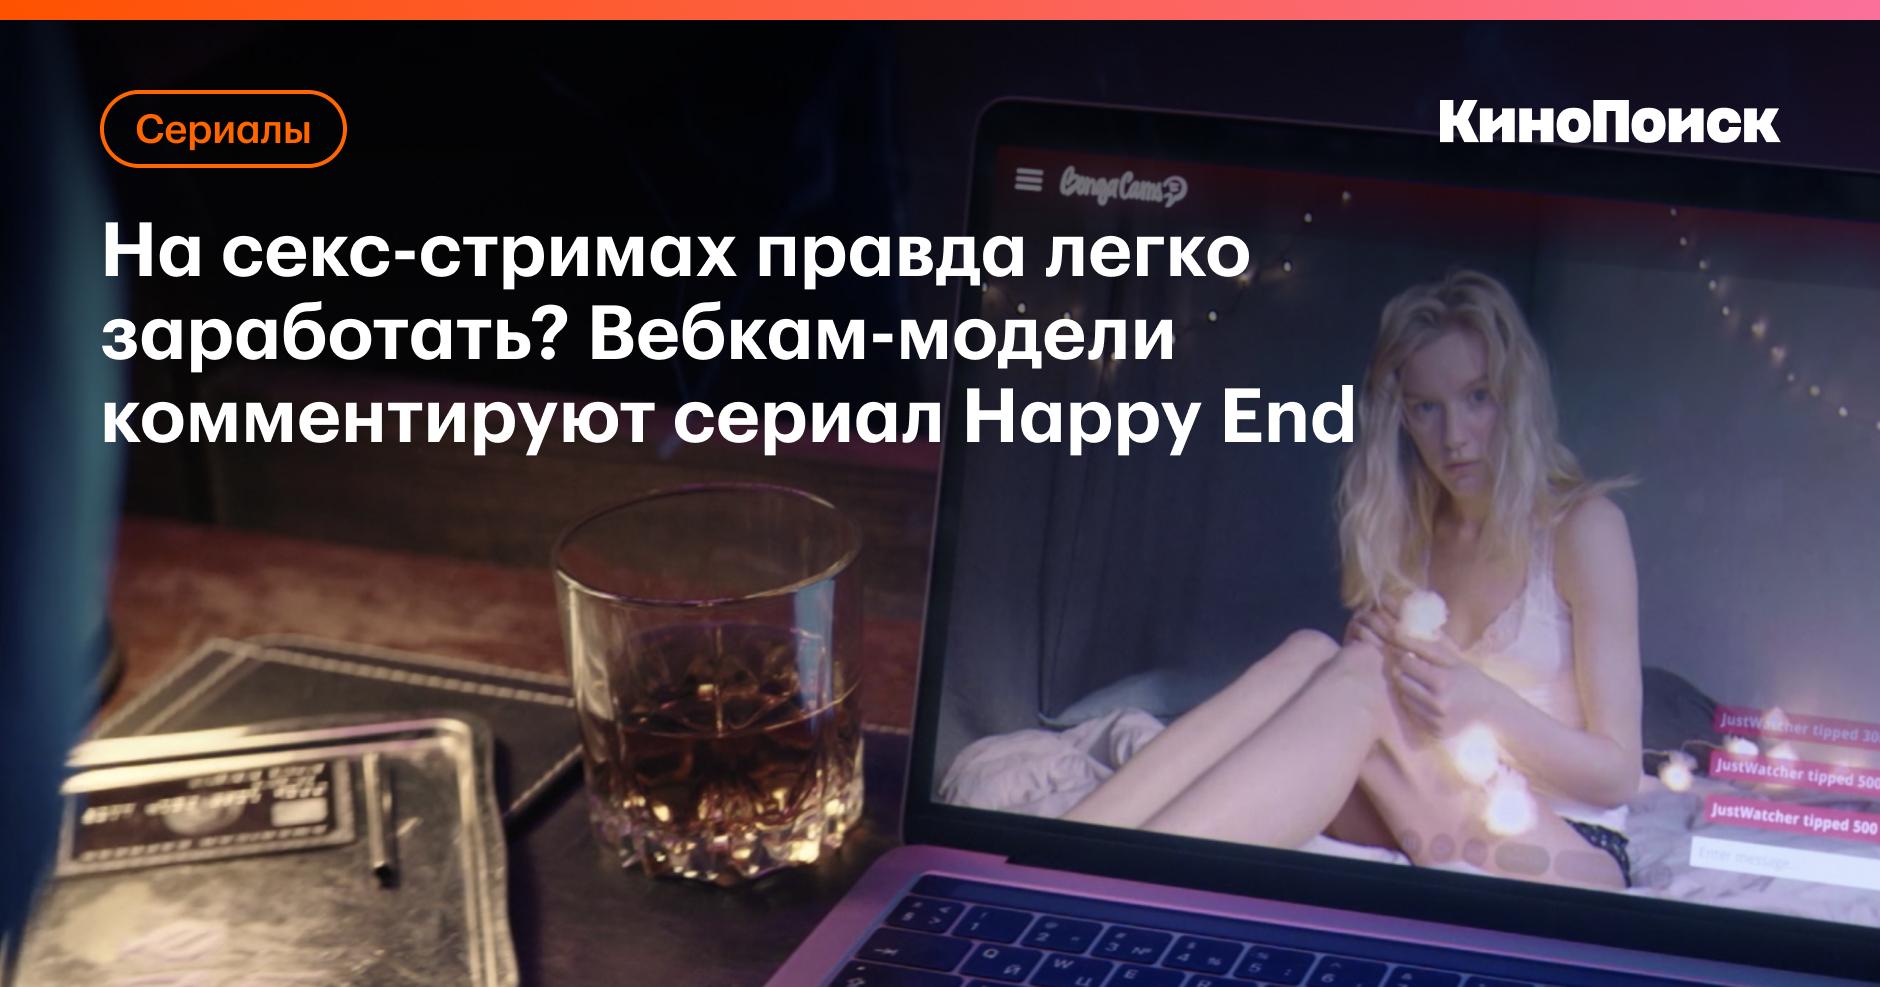 Сериал про веб моделей россия компетенции на работе модели эффективной работы